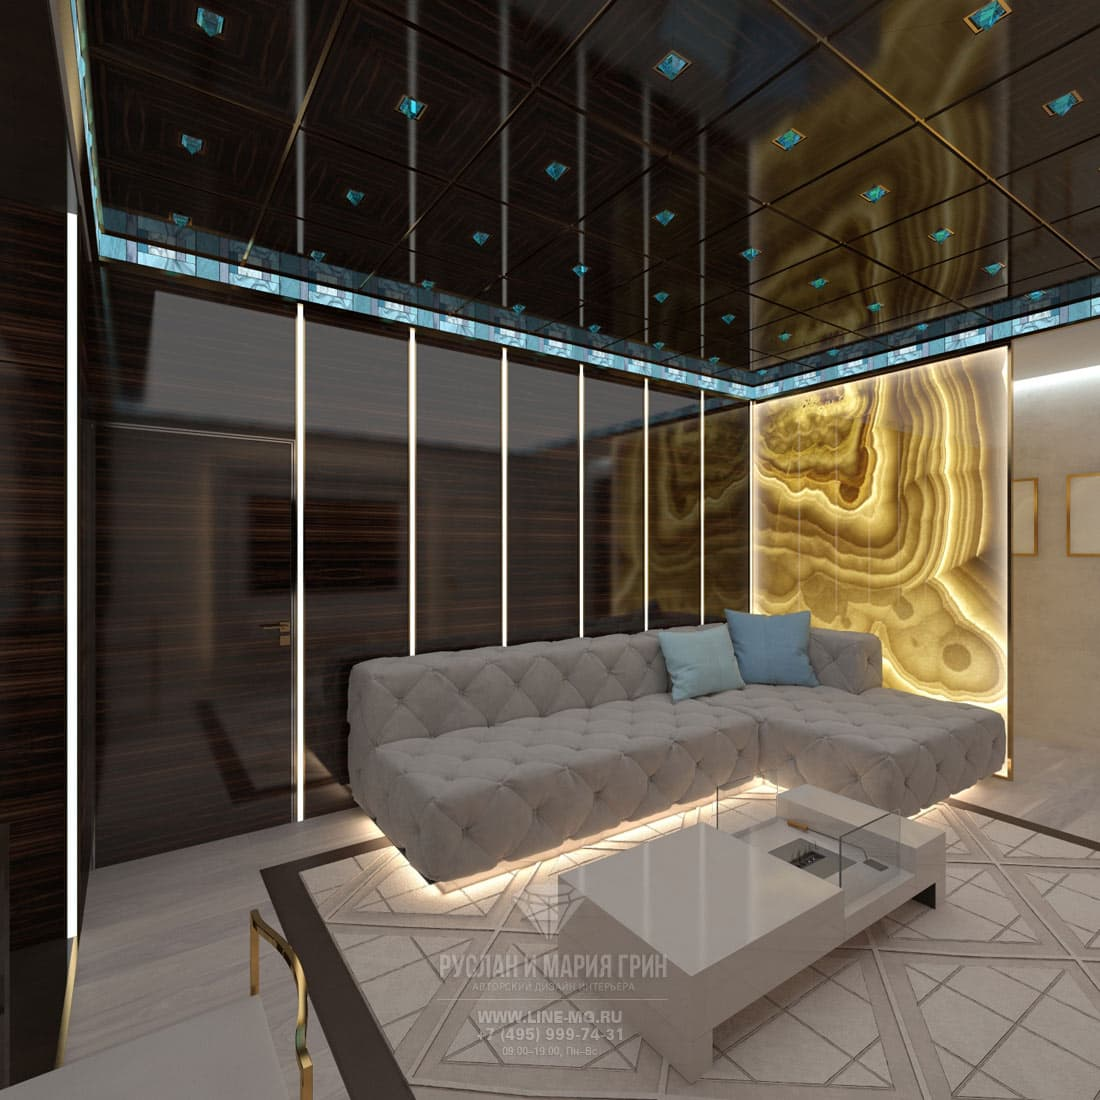 Дизайн интерьера гостиной. Фото 2017